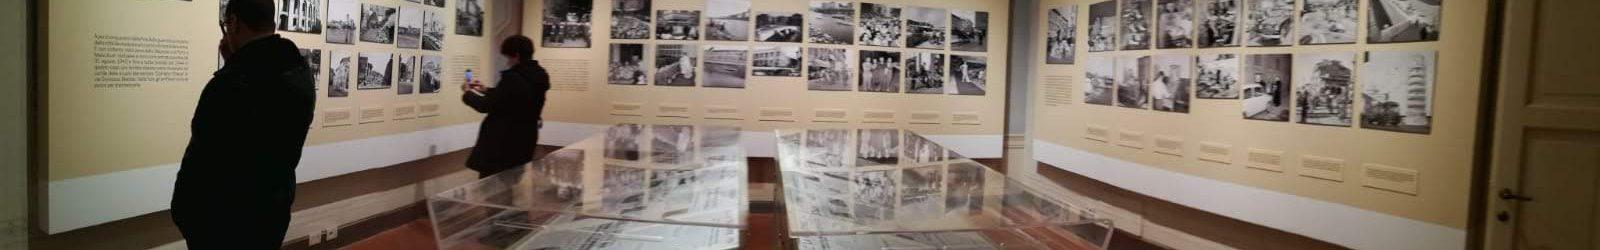 Uscita collettiva a Palazzo Blu